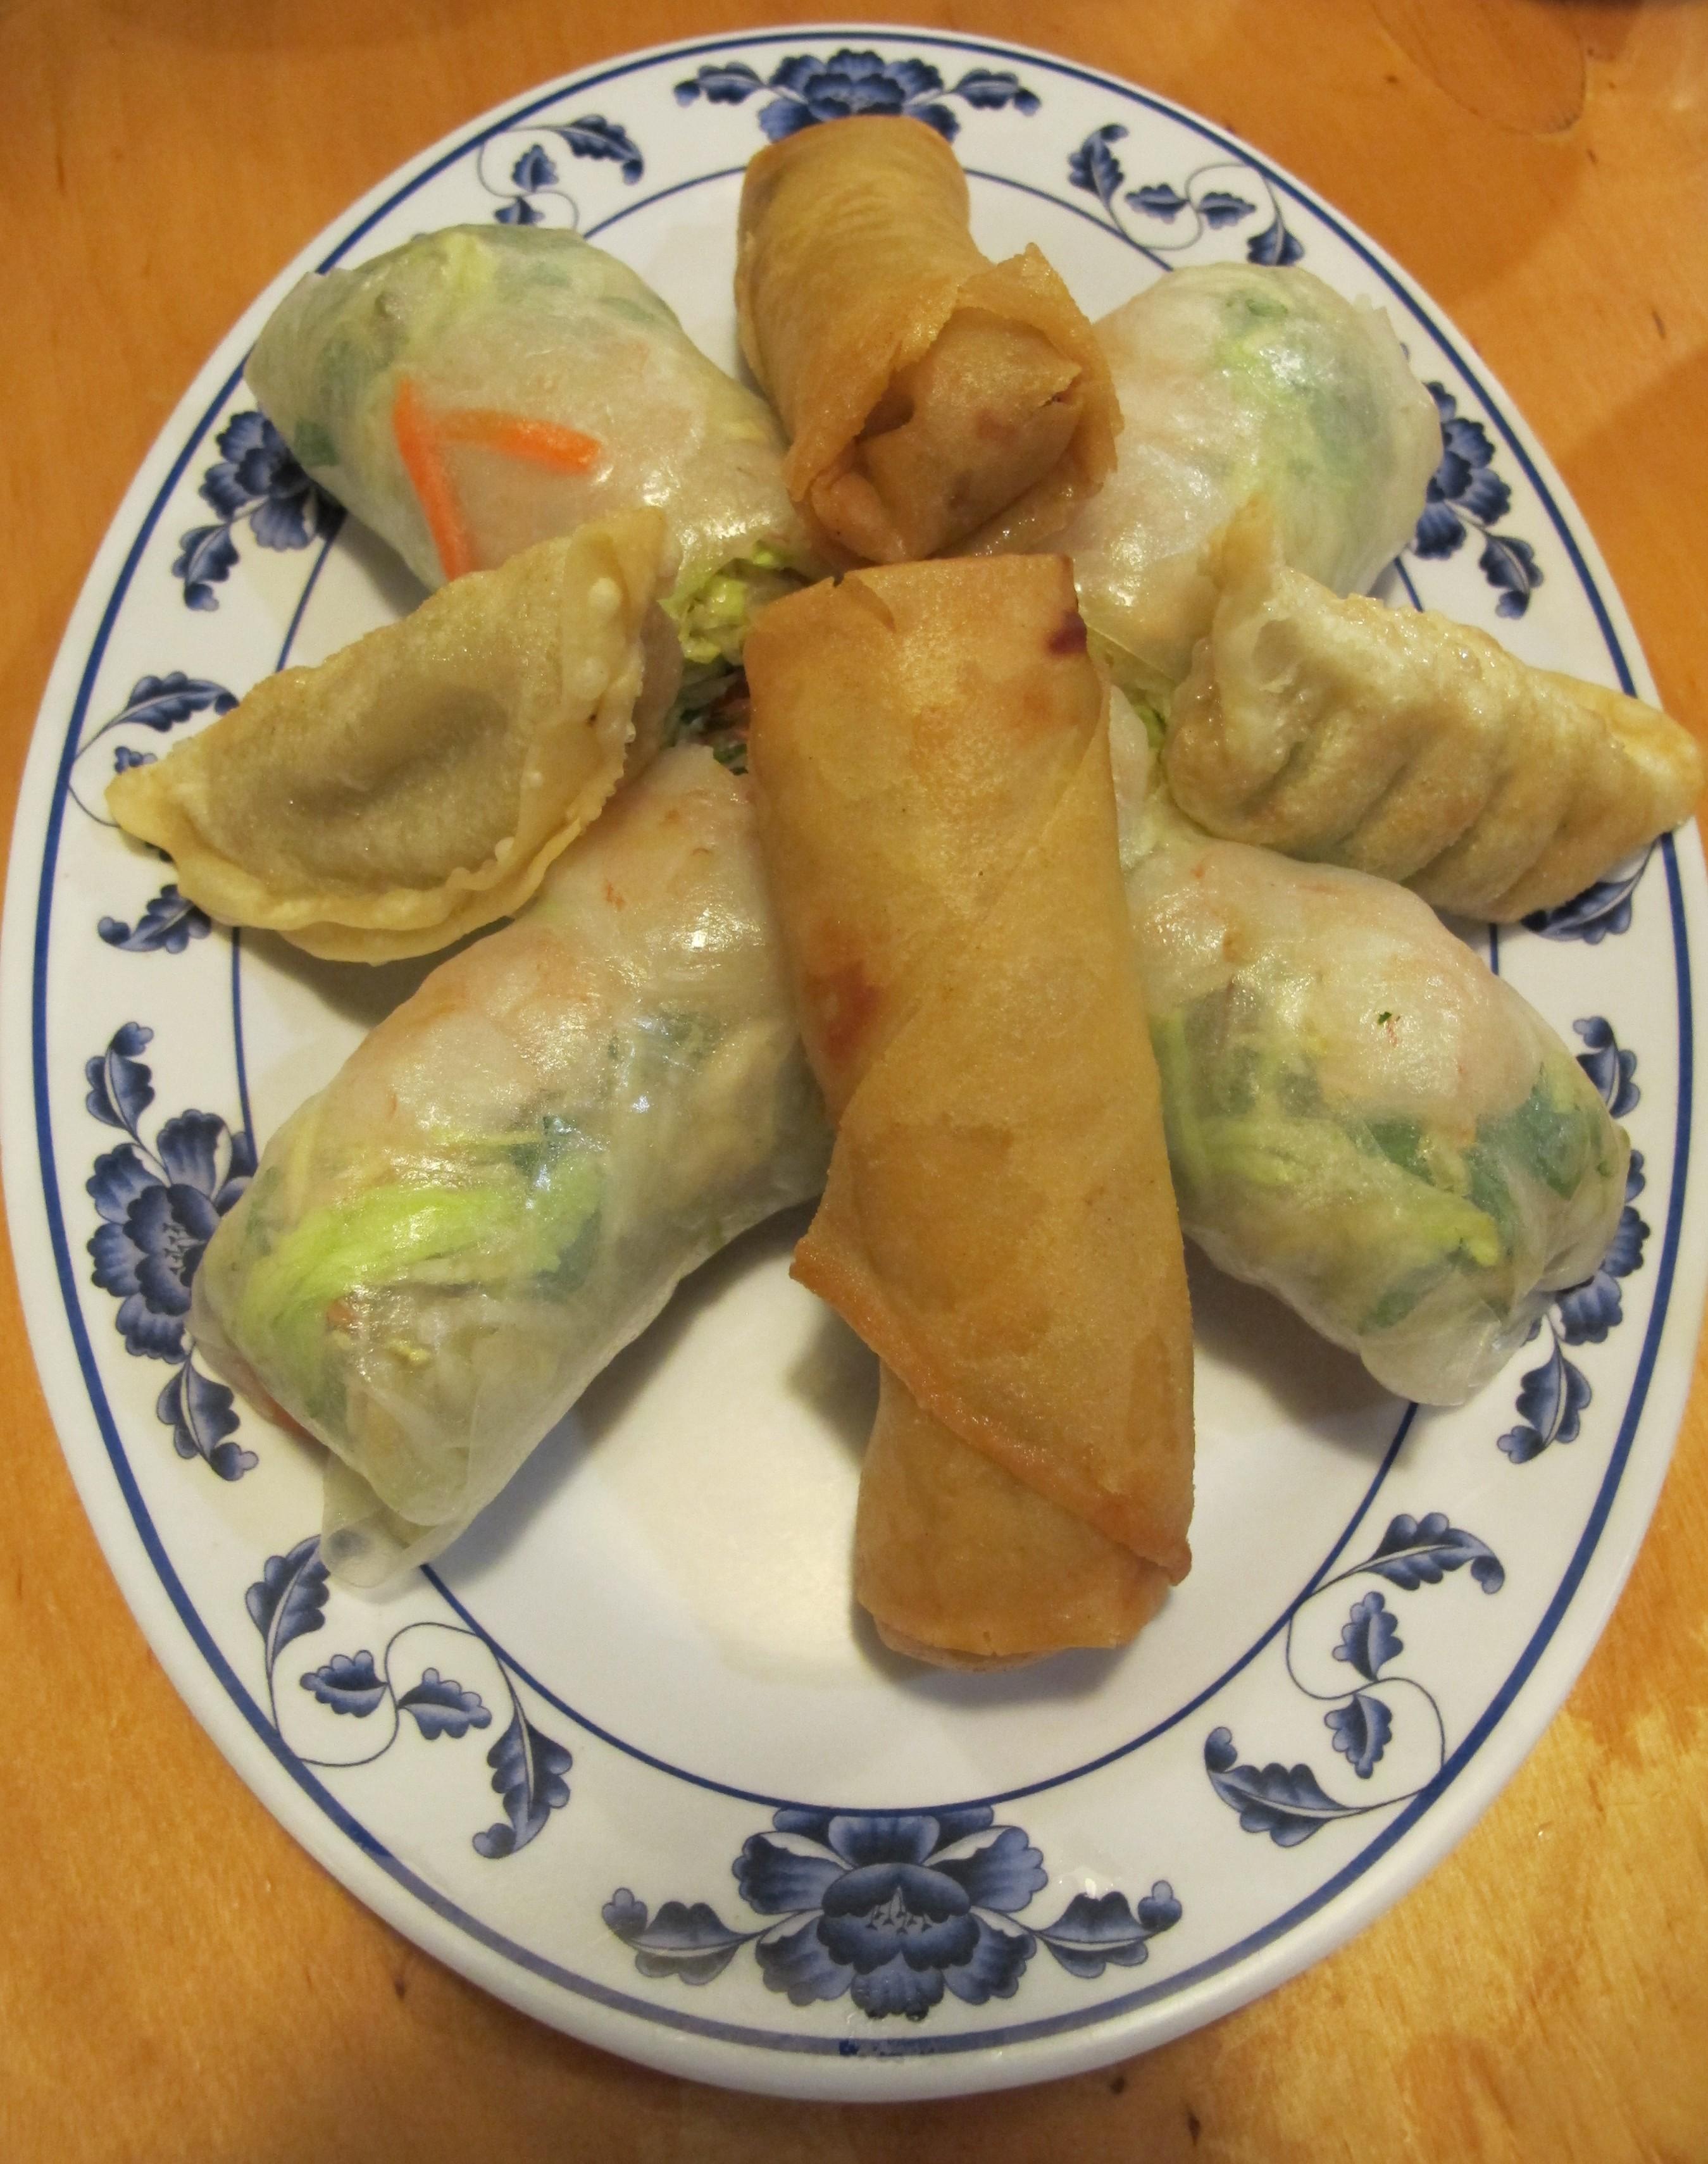 Vietnamese appetizers platter